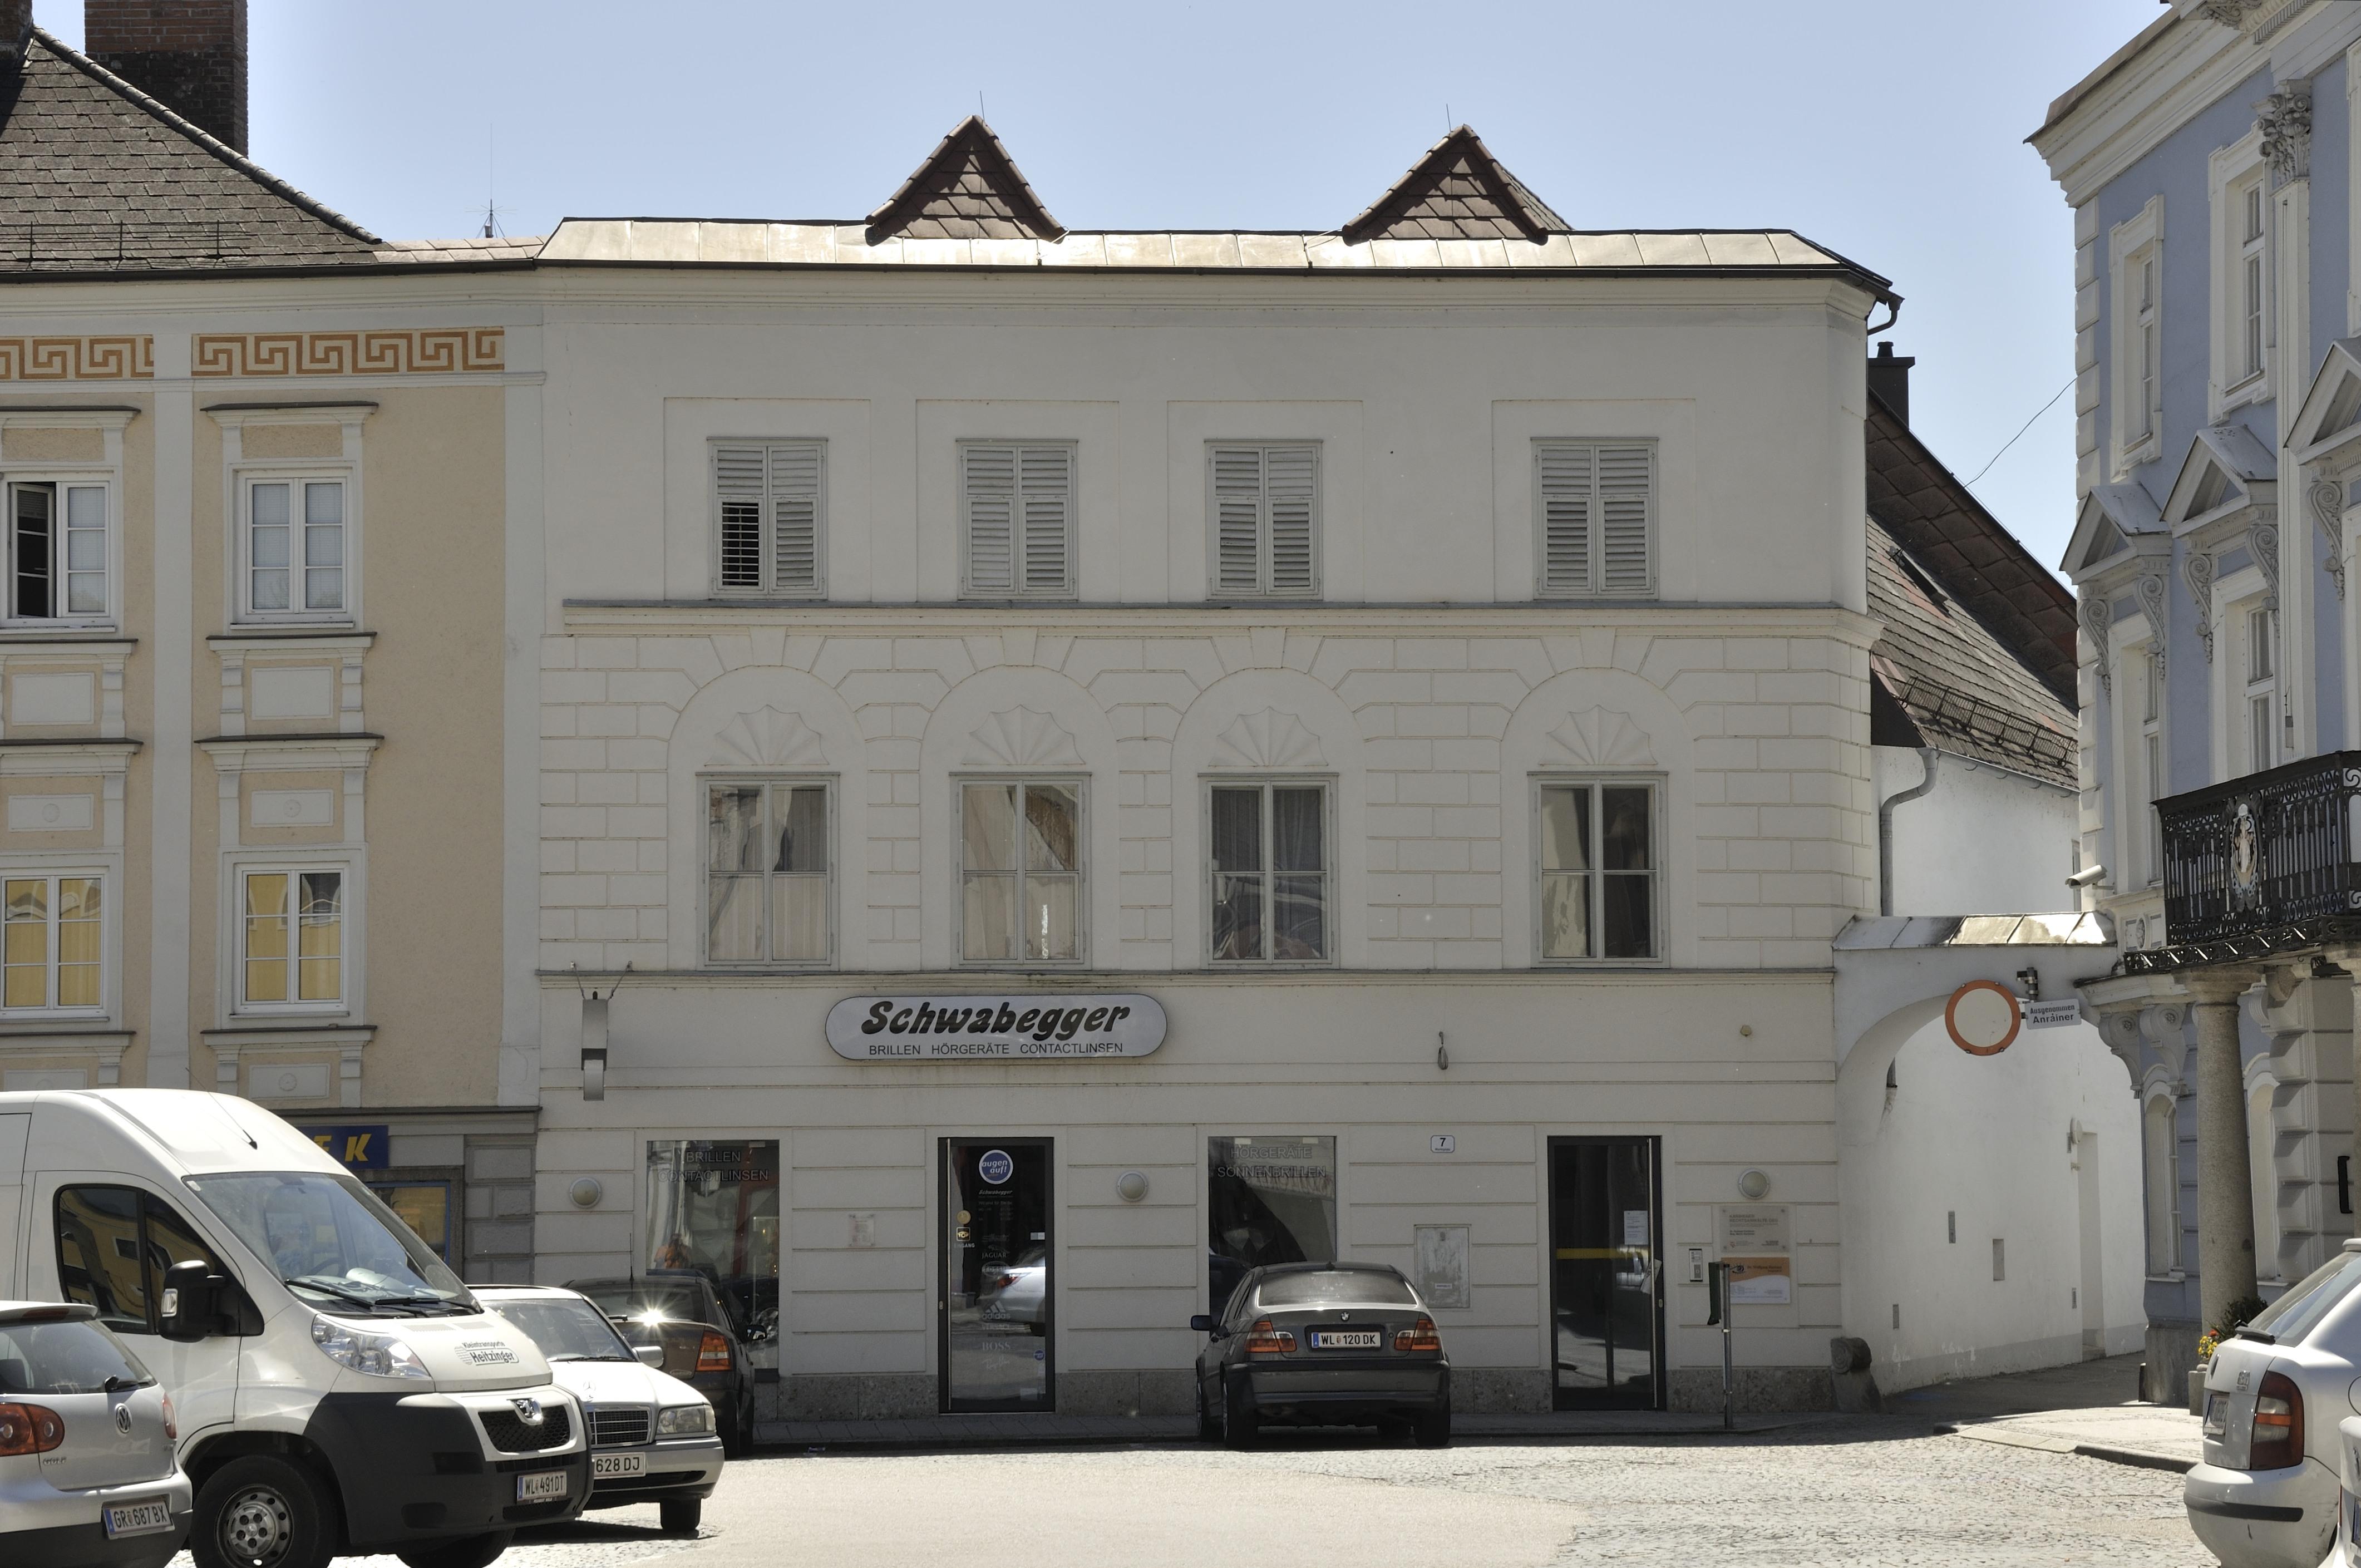 Schön Haus Auf Stelzen Referenz Von Datei:lambach Der Stelzen.jpg